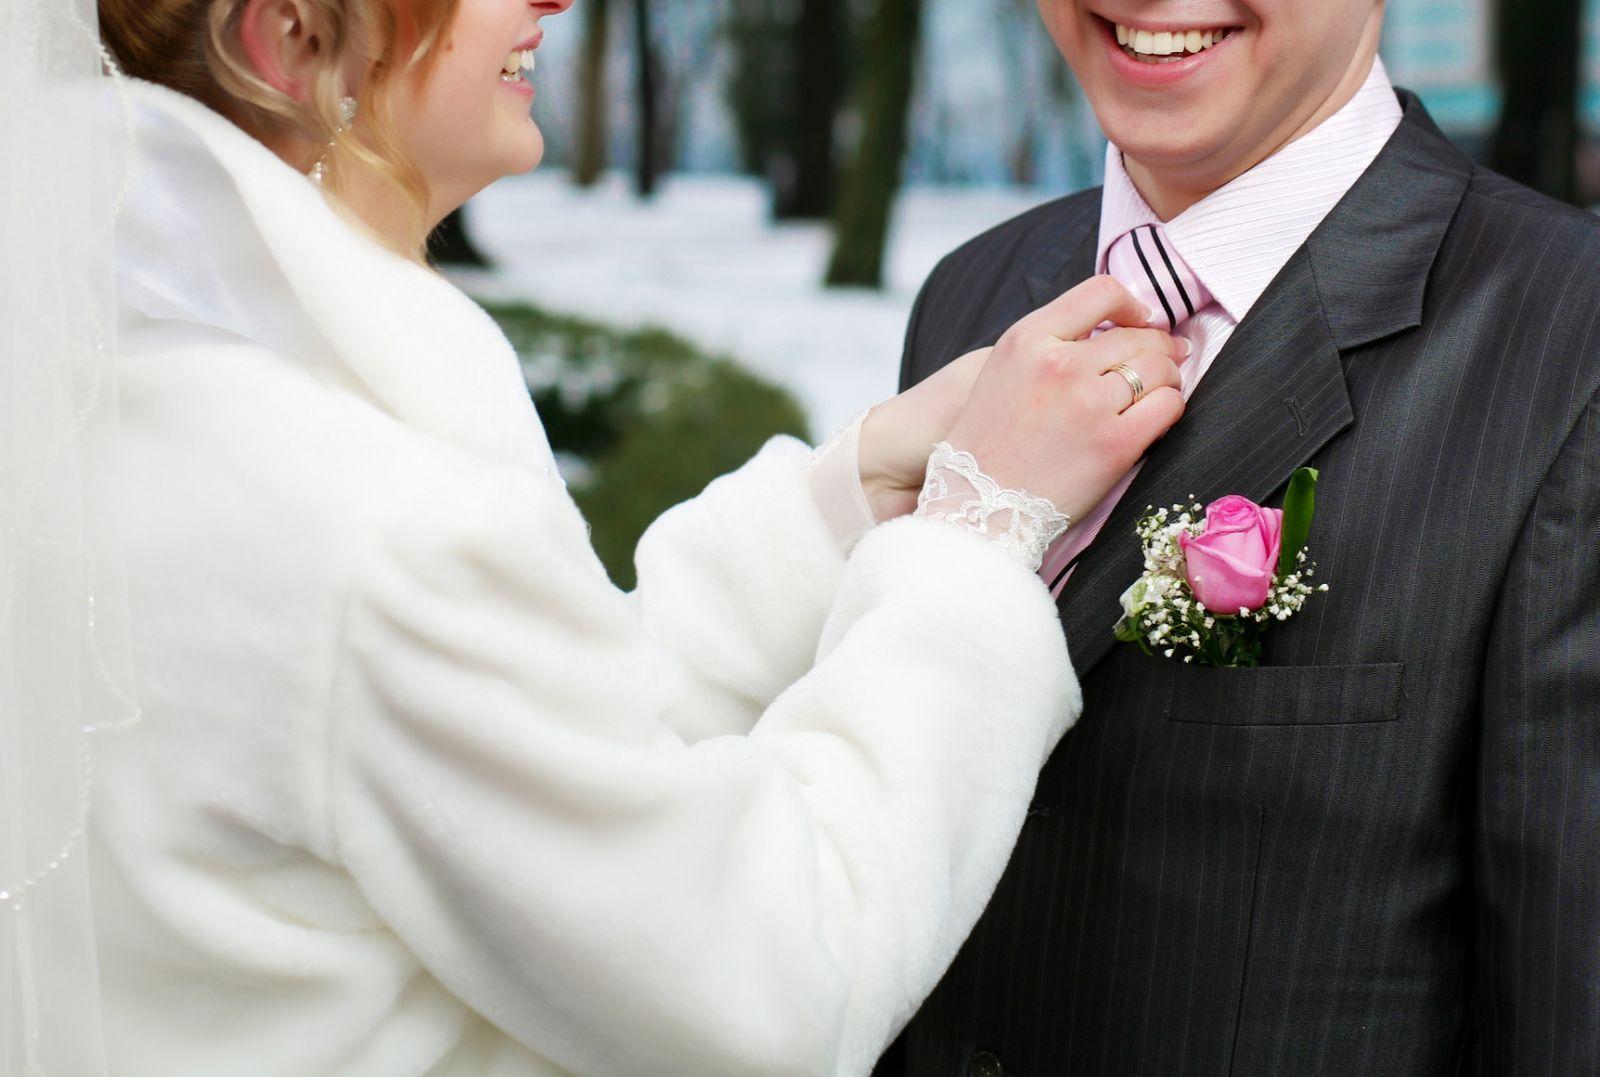 Свадьба зимой: что надеть? - фото №2